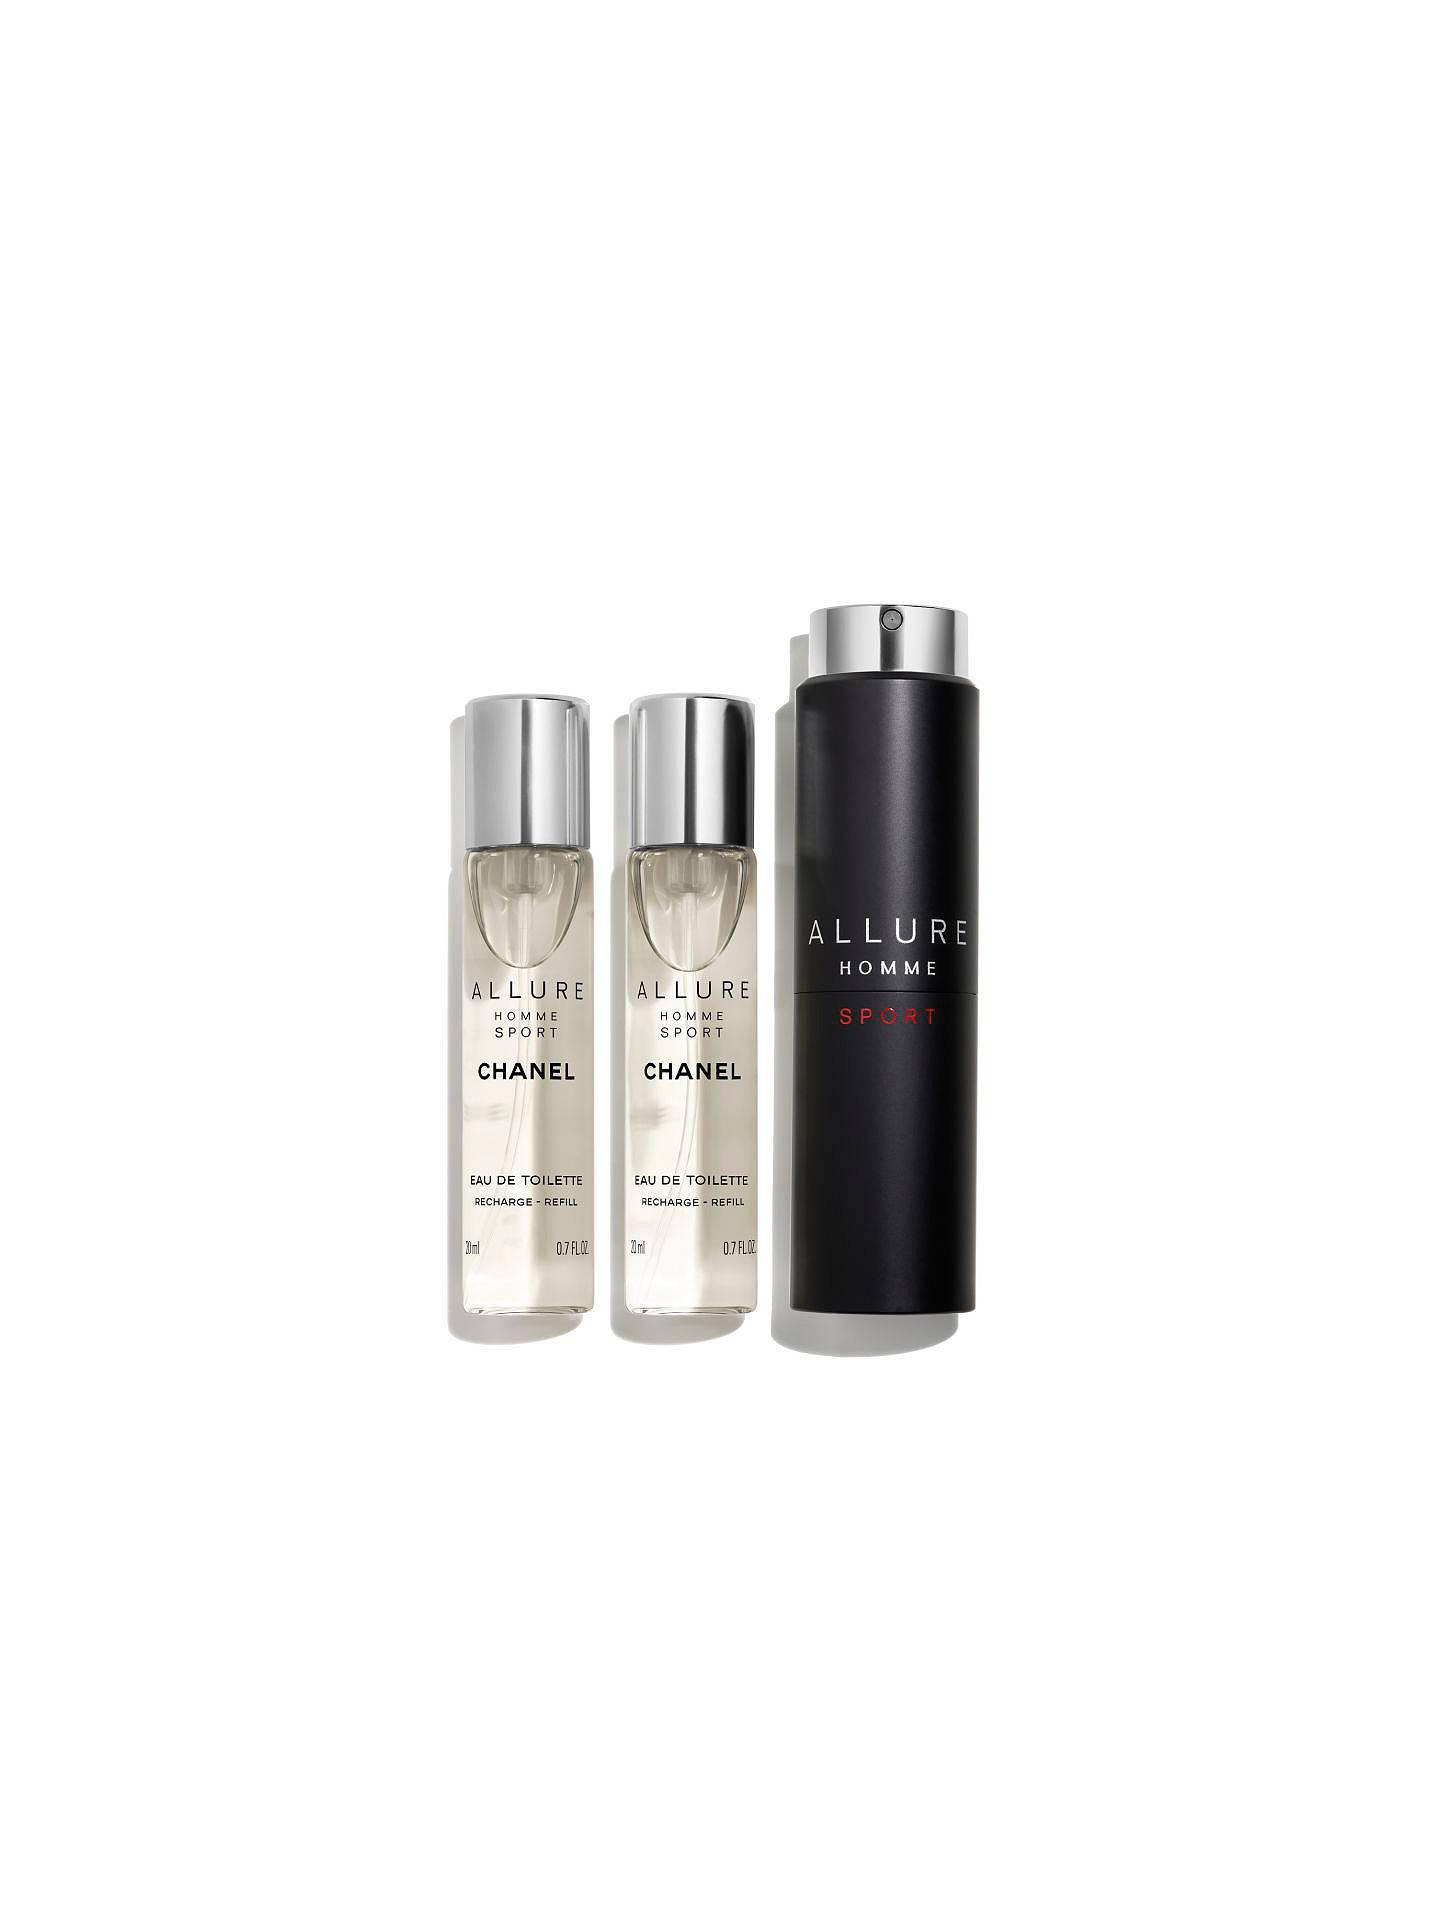 Chanel Allure Homme Sport Eau De Toilette Refillable Travel Spray At